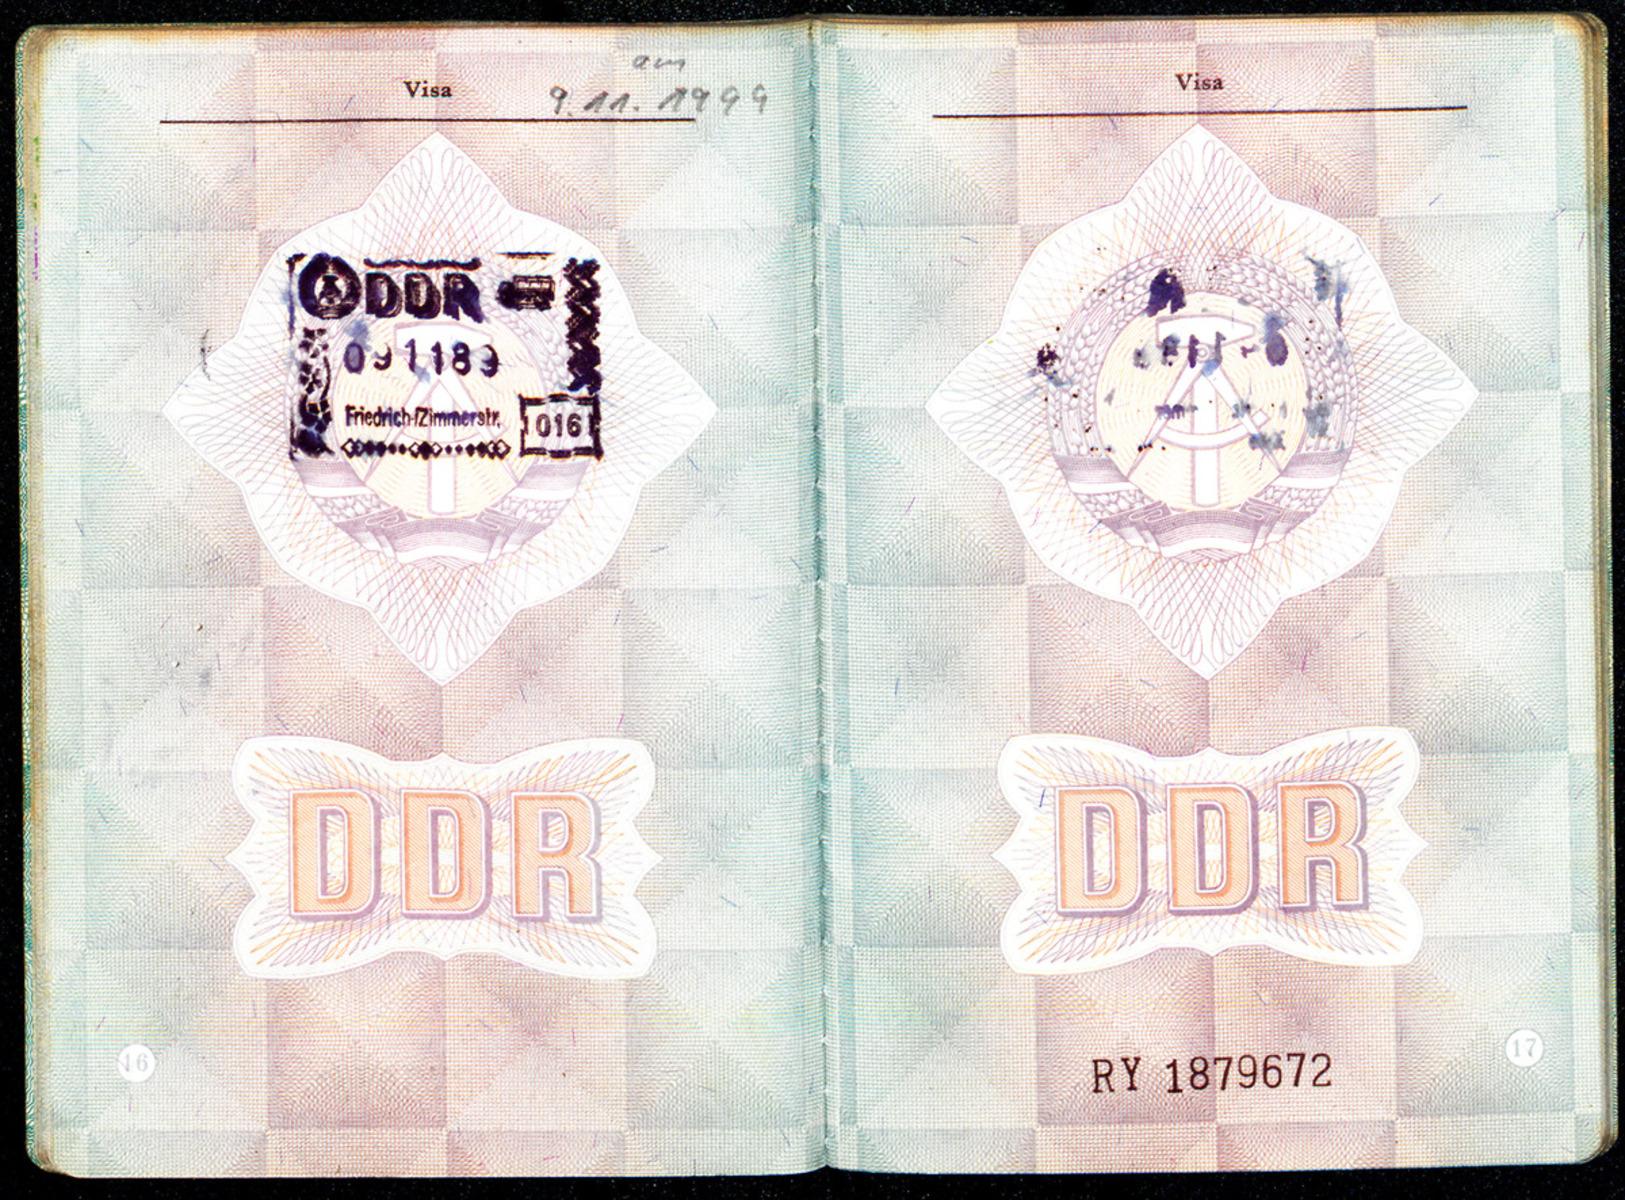 cd01-010-g99-m101_0006.jpg